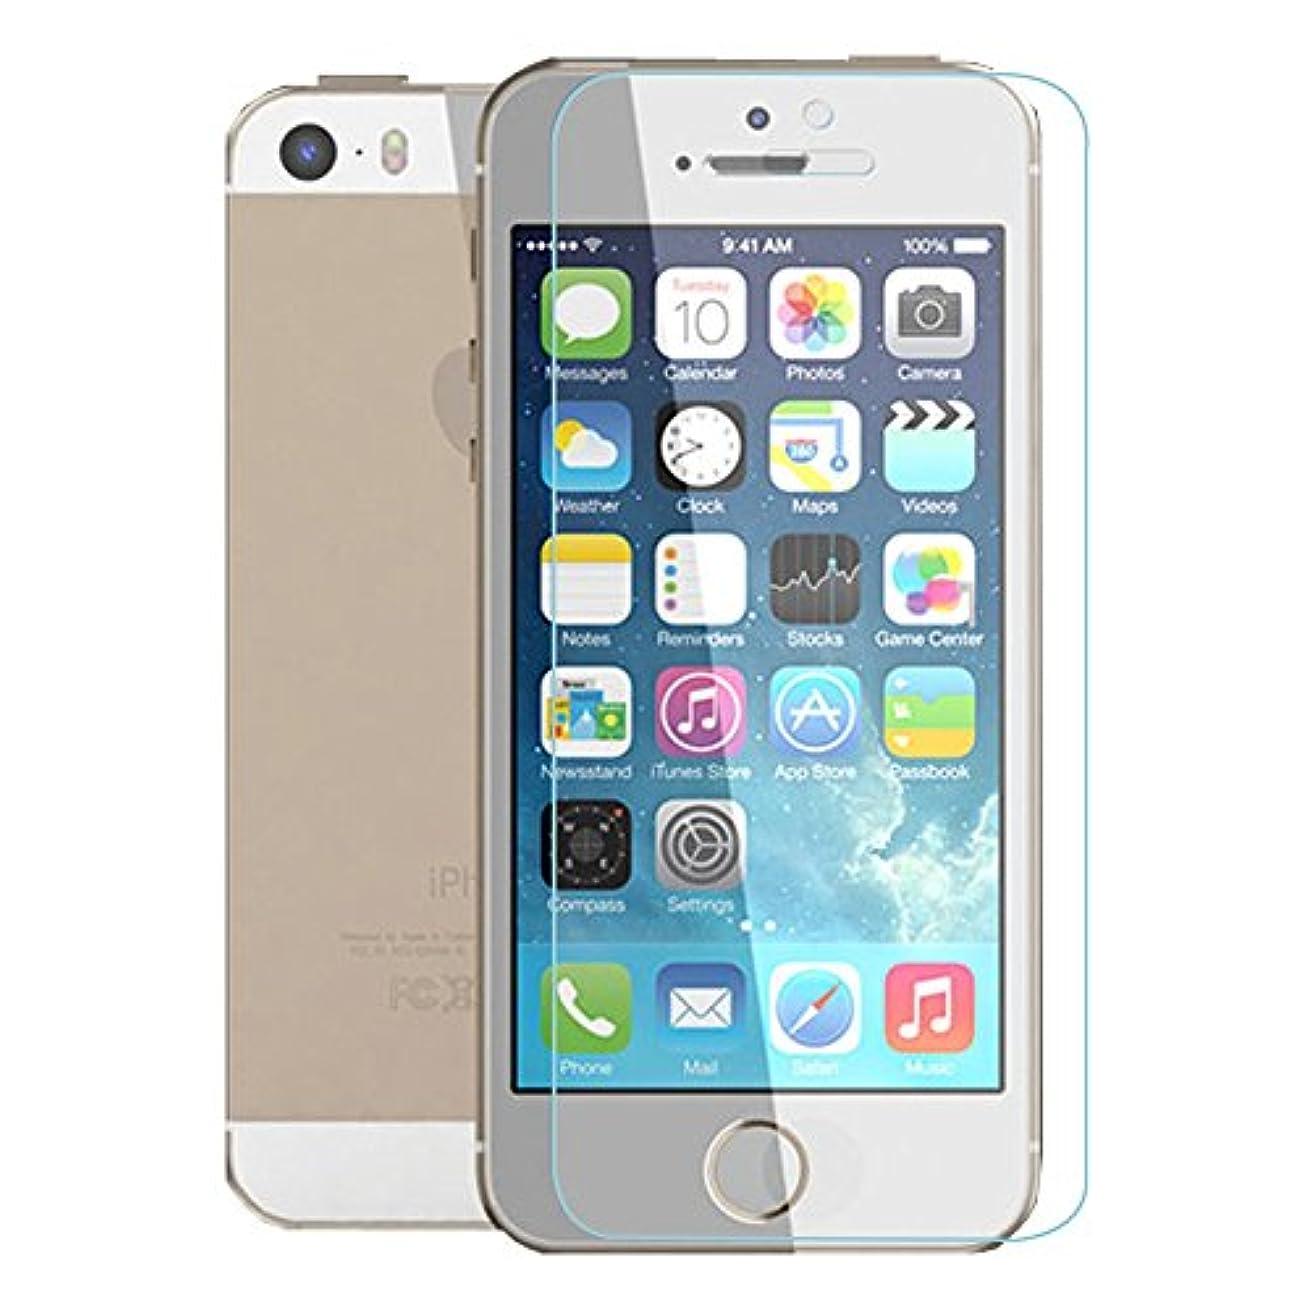 レクリエーション保証金分GLOW Apple iPhone5/5S/5C強化ガラス アンチグレア マットタイプ 01840-8